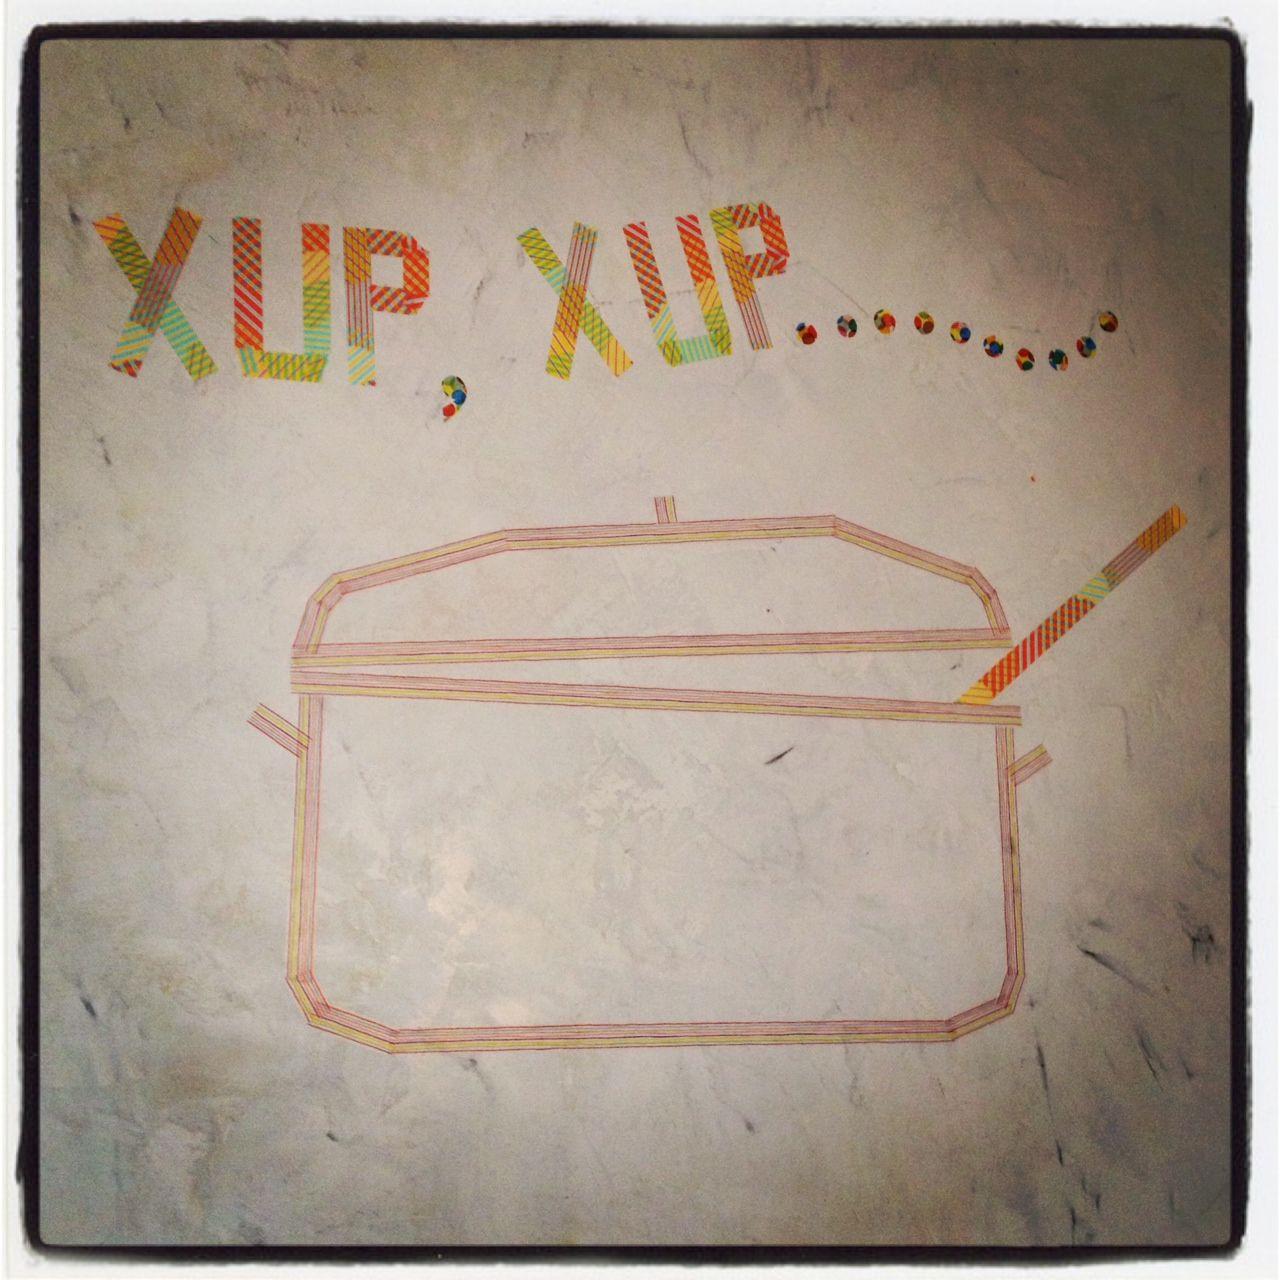 Dibujo pared de cocina con Masking Tape by Latormento (Eva Montero)